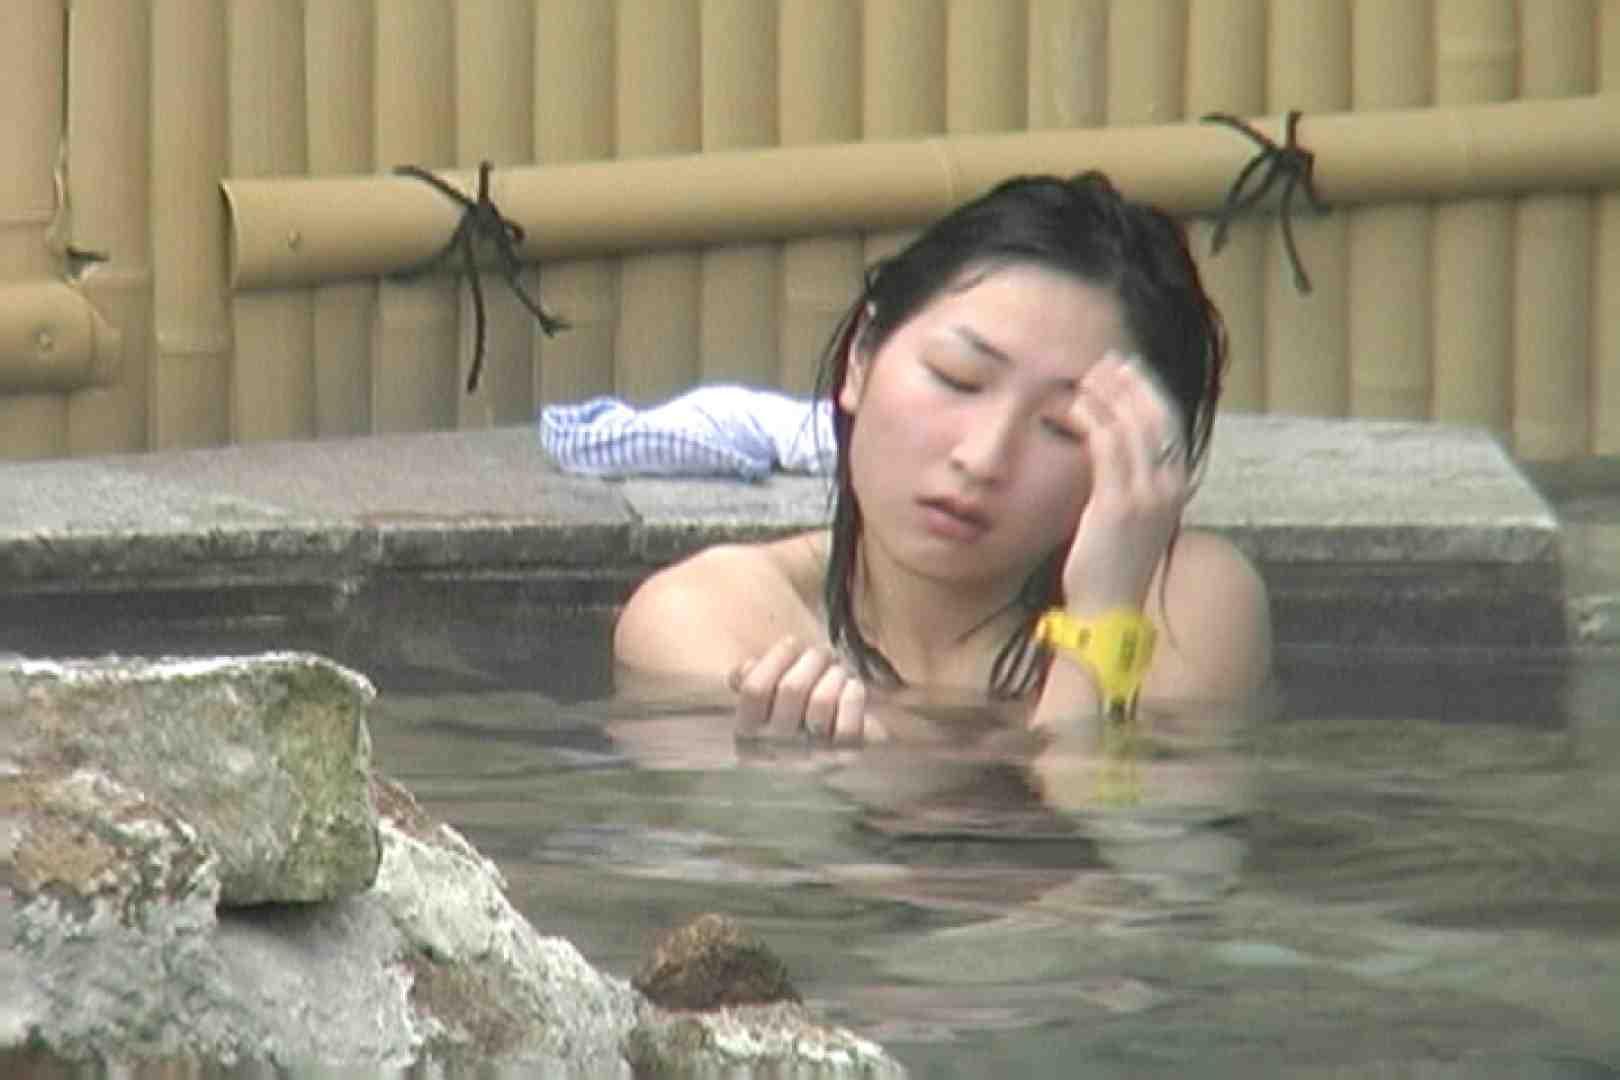 Aquaな露天風呂Vol.543 露天 | 盗撮  68画像 13